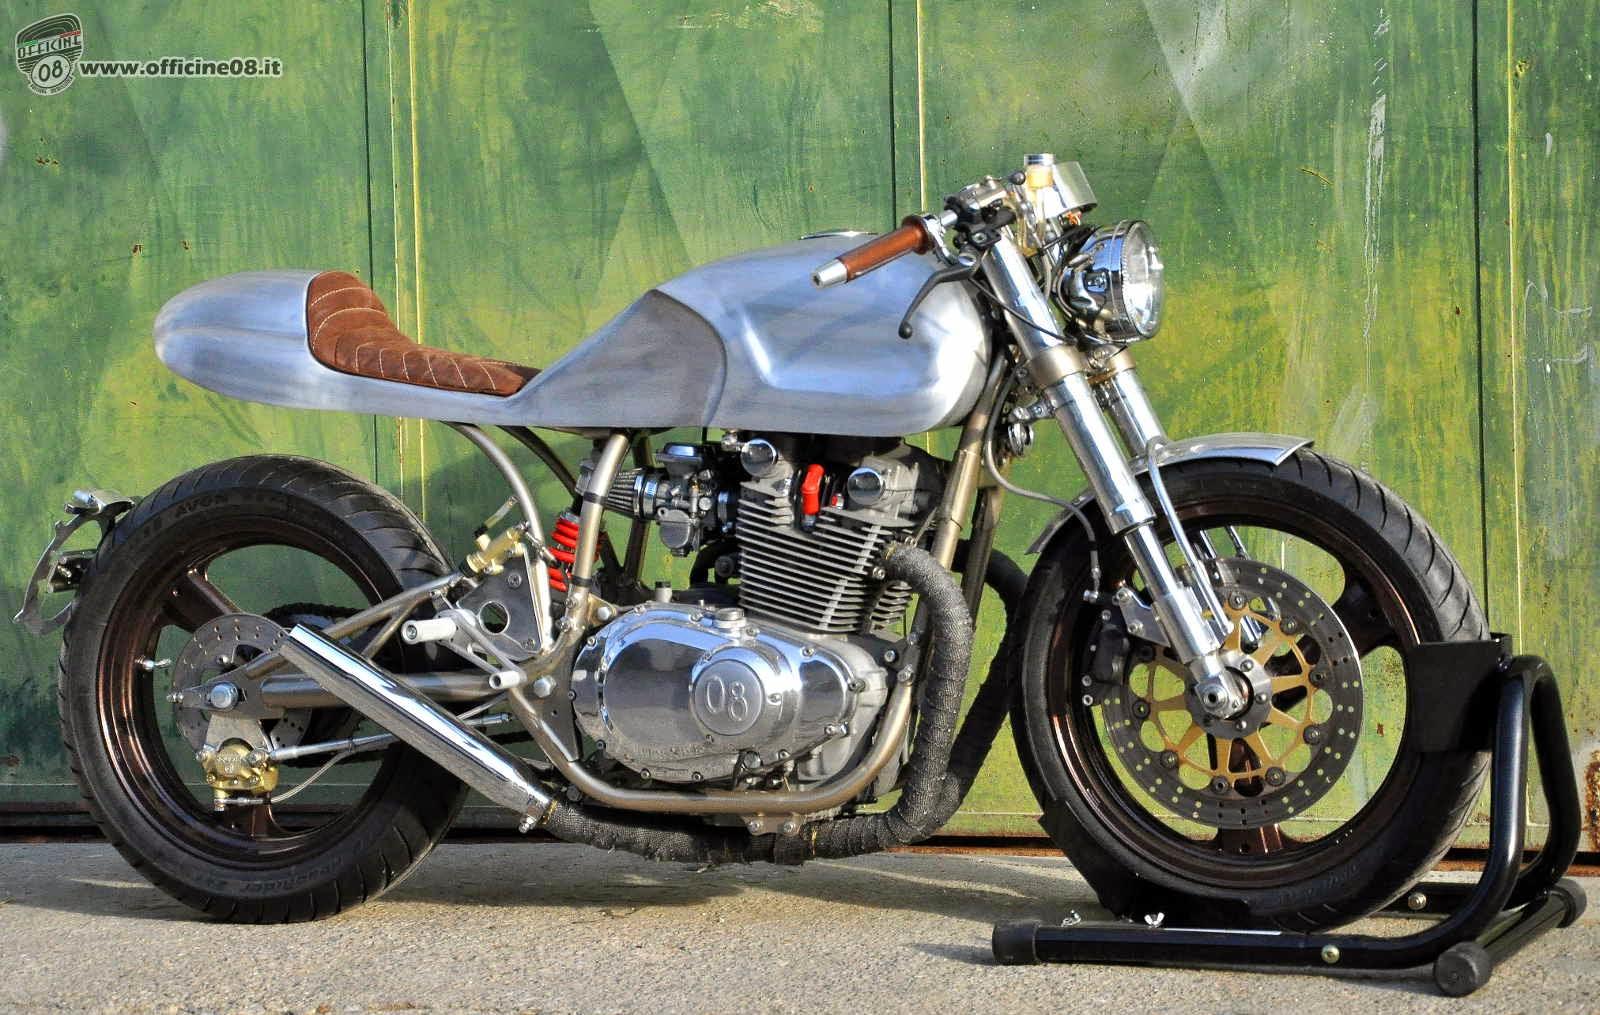 Kawasaki Motorcycle Engine Rebuild Kits